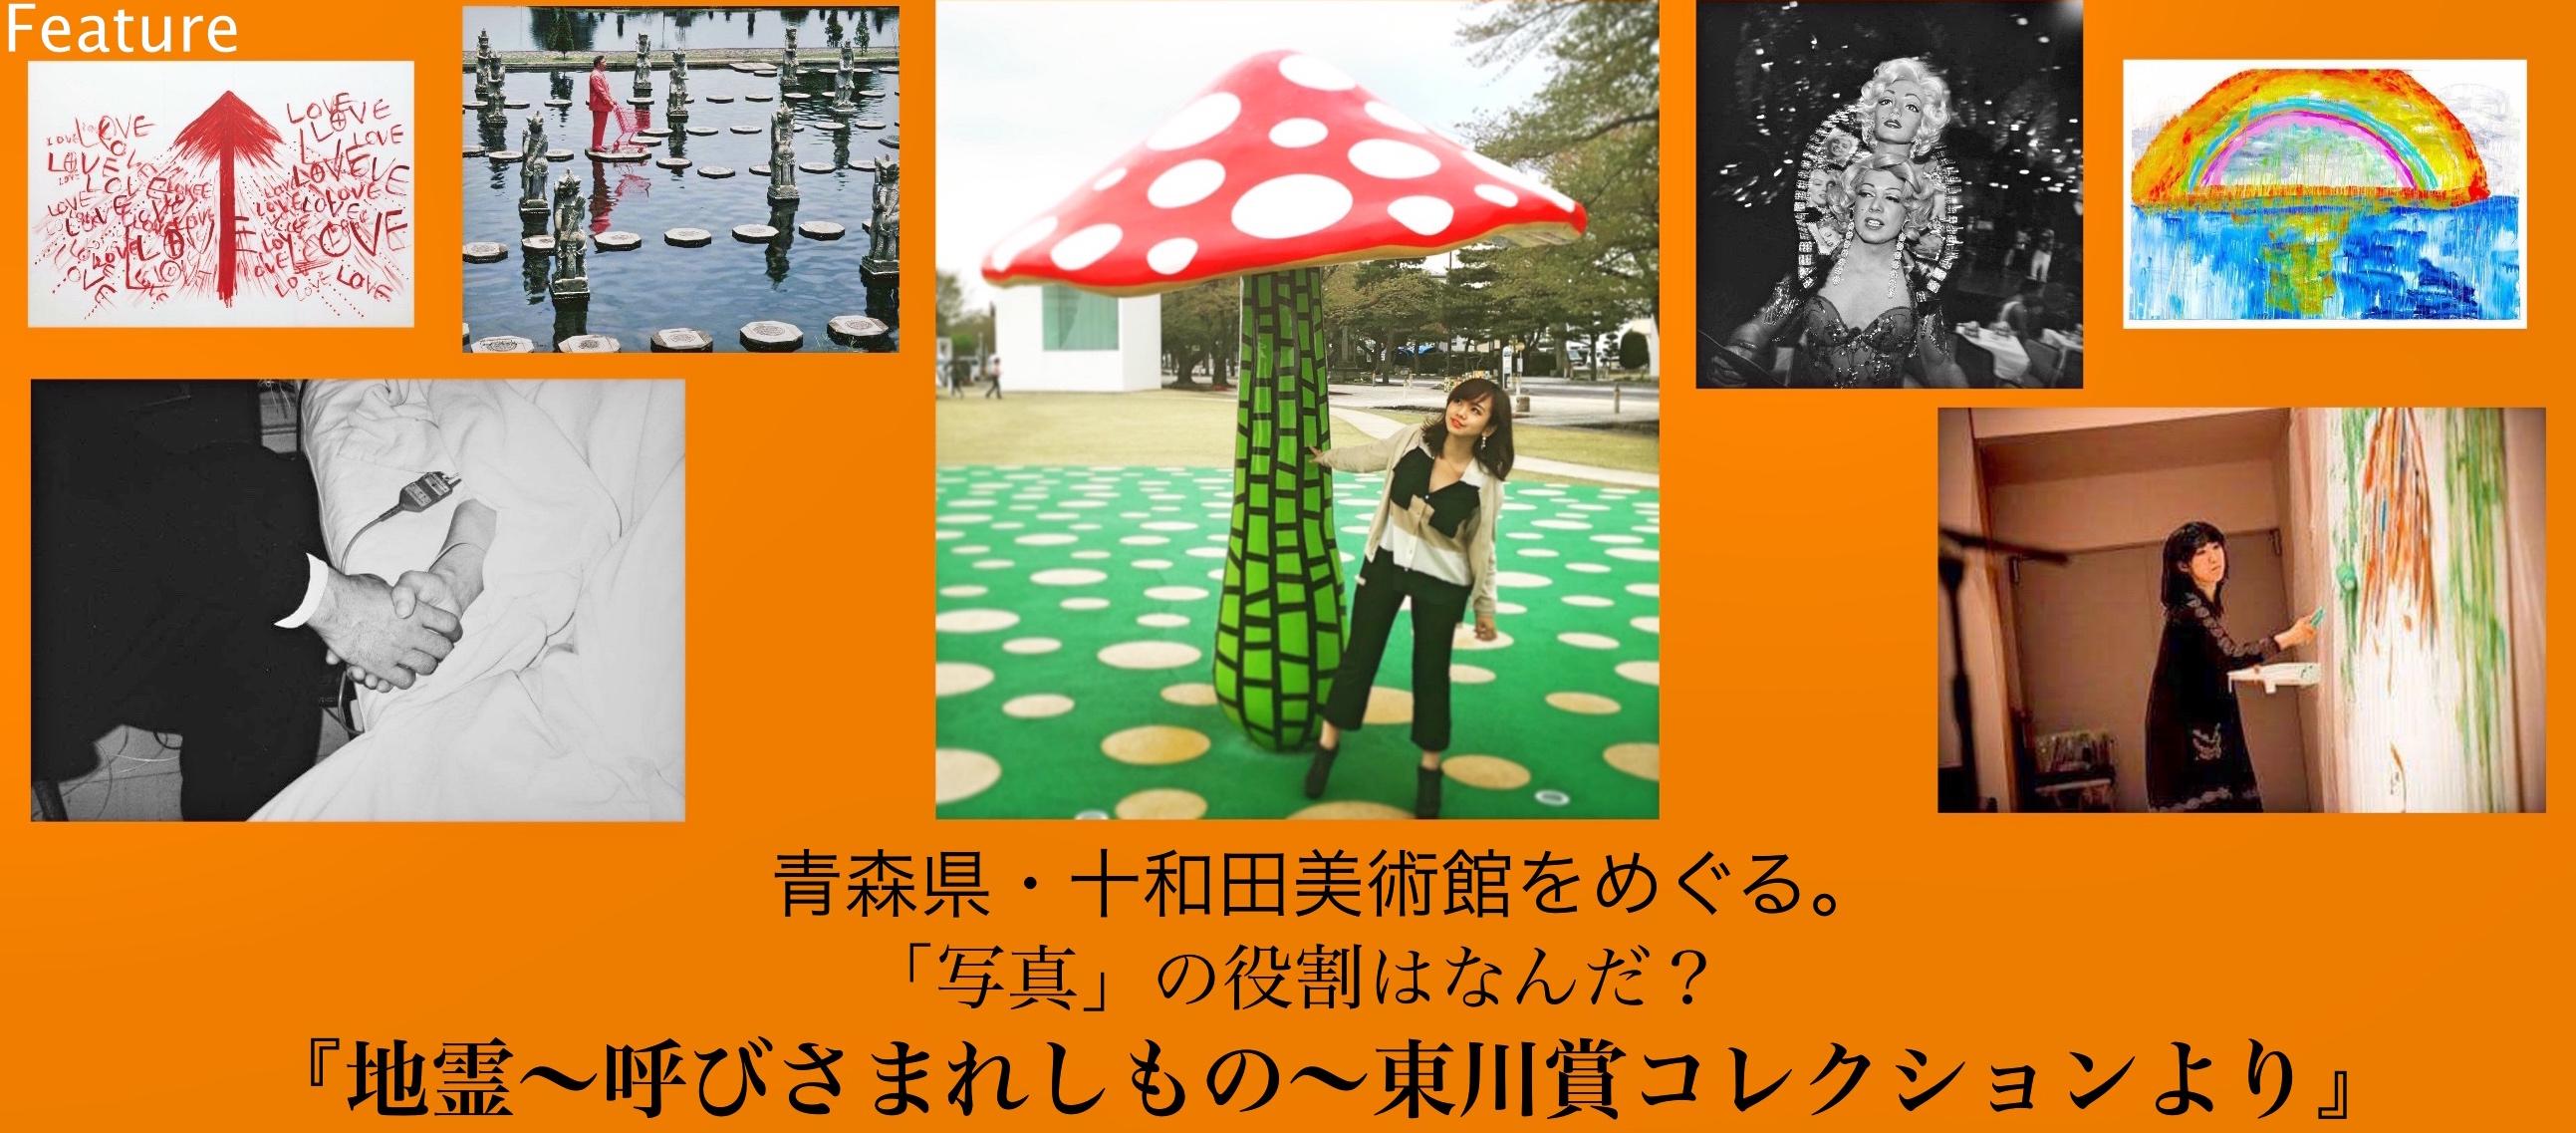 青森県・十和田市現代美術館をめぐる。「写真」の役割はなんだ? 『地霊〜呼び覚まされしもの〜東川賞コレ